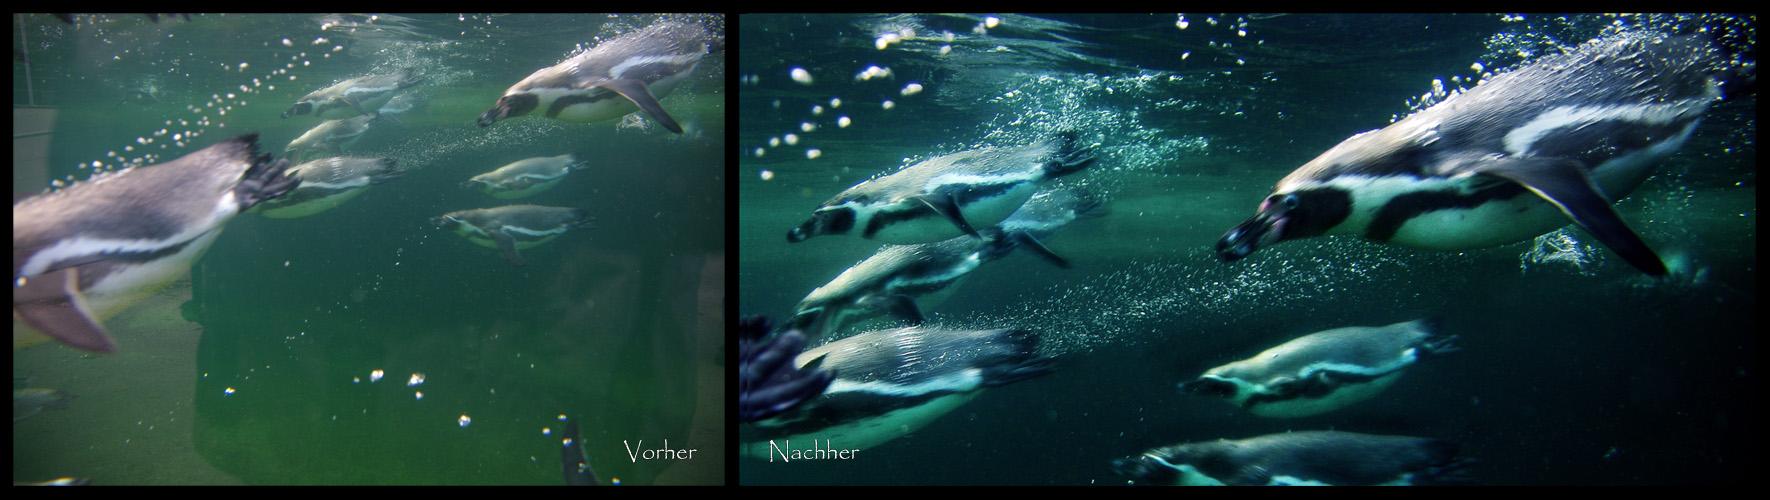 Outing #1: Vorher/Nachher